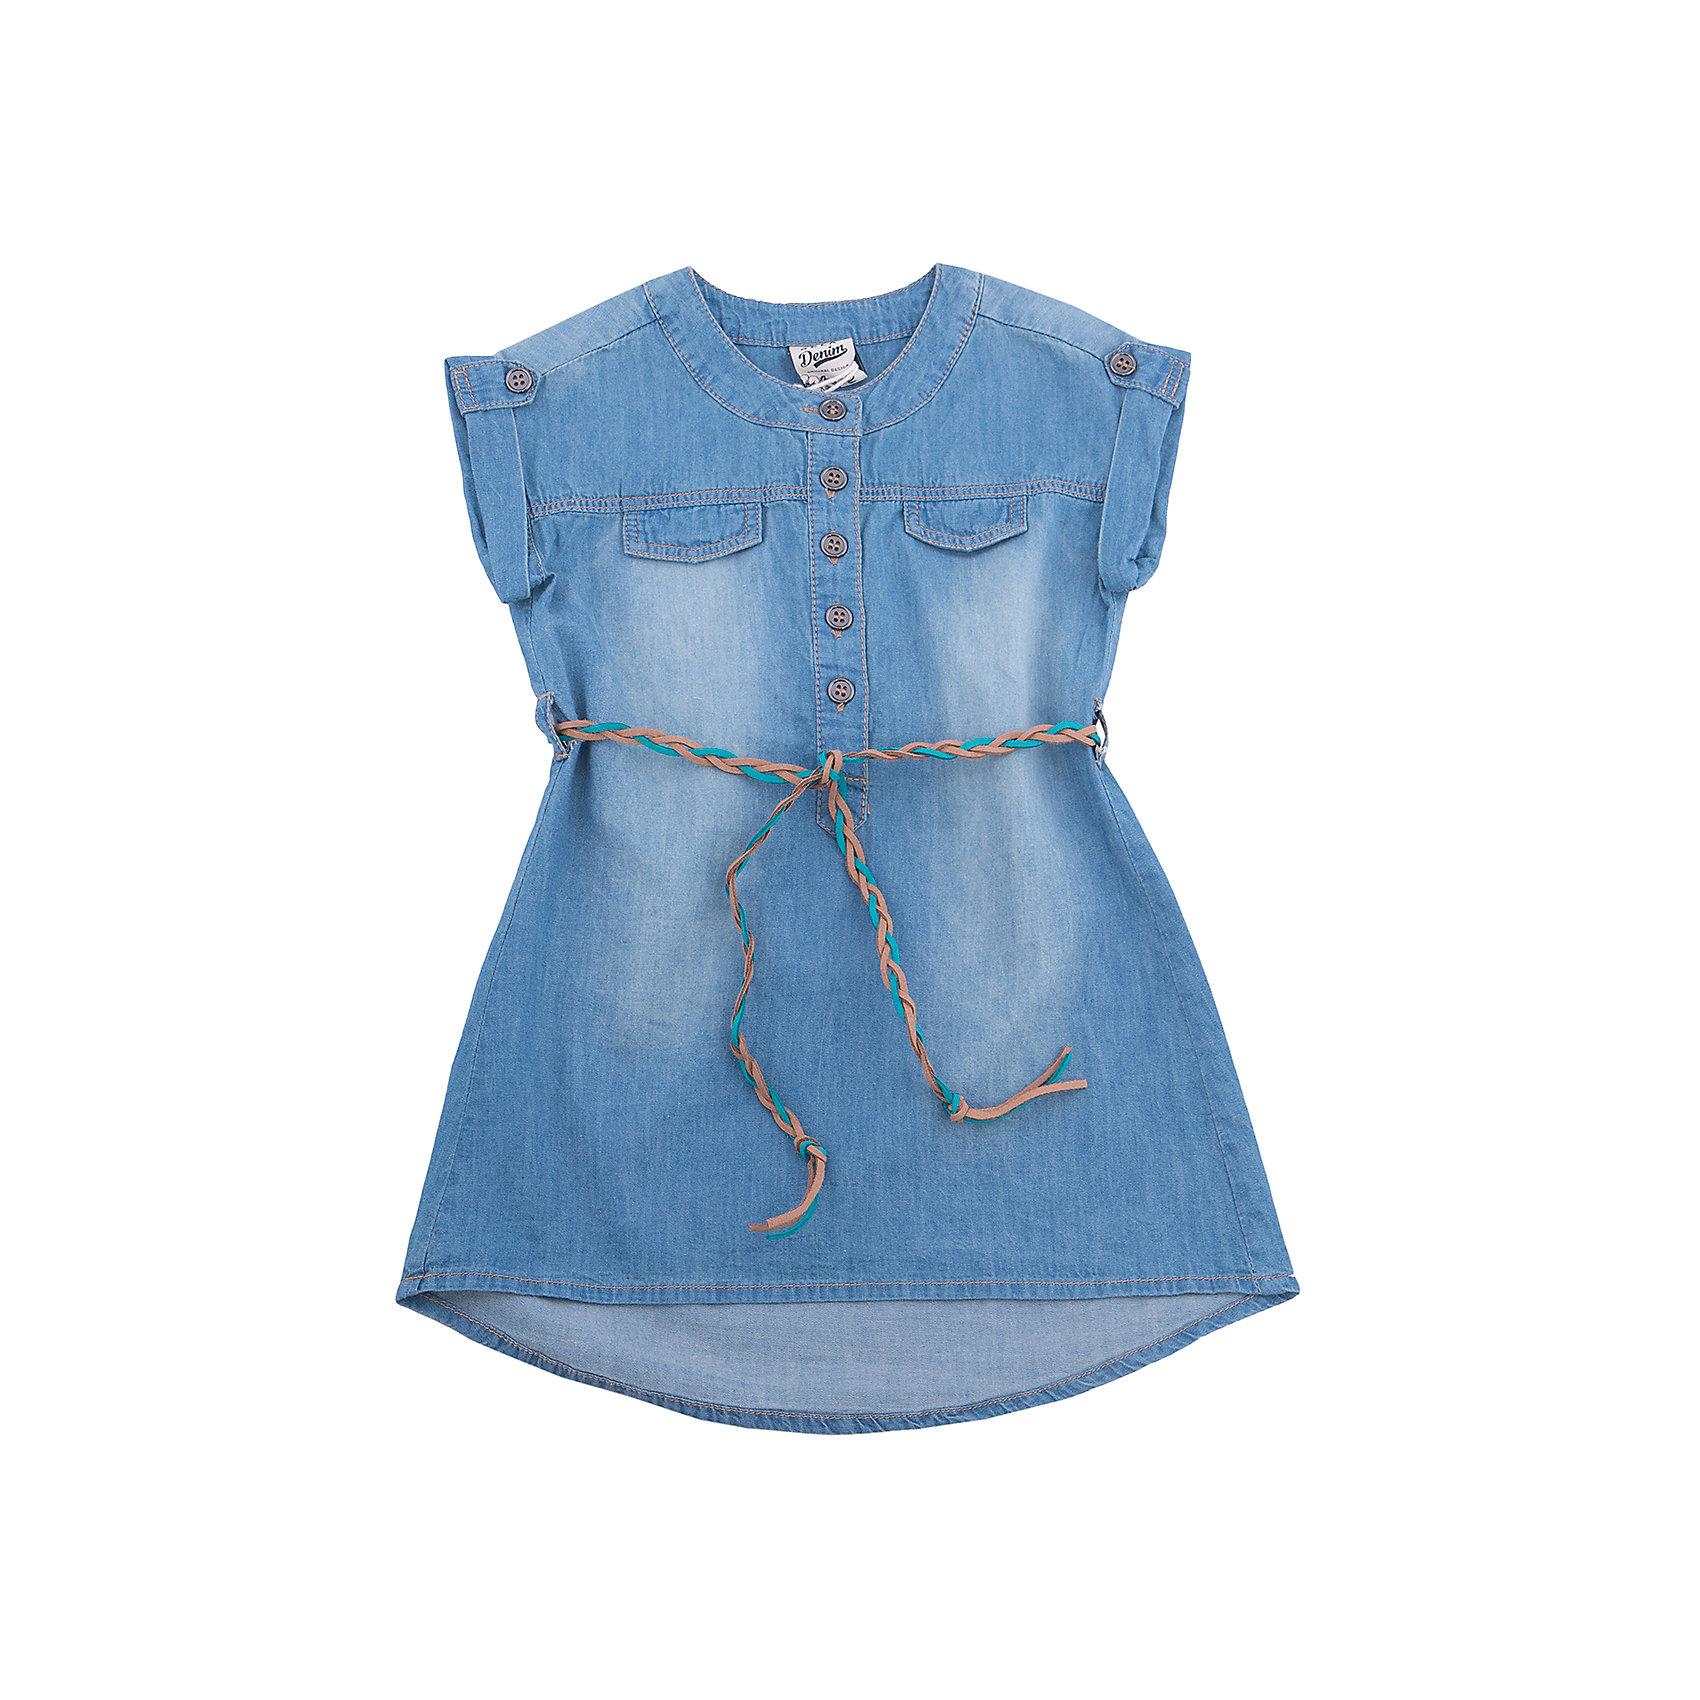 Платье джинсовое для девочки SELAДжинсовая одежда<br>Характеристики товара:<br><br>• цвет: синий джинс<br>• сезон: лето<br>• состав: 100% хлопок<br>• пуговицы<br>• длина выше колена<br>• корткие рукава<br>• страна бренда: Россия<br><br>В новой коллекции SELA отличные модели одежды! Это платье для девочки поможет разнообразить гардероб ребенка и обеспечить комфорт. Оно отлично сочетается с различной обувью.<br><br>Одежда, обувь и аксессуары от российского бренда SELA не зря пользуются большой популярностью у детей и взрослых! Модели этой марки - стильные и удобные, цена при этом неизменно остается доступной. Для их производства используются только безопасные, качественные материалы и фурнитура.<br><br>Платье для девочки от популярного бренда SELA (СЕЛА) можно купить в нашем интернет-магазине.<br><br>Ширина мм: 236<br>Глубина мм: 16<br>Высота мм: 184<br>Вес г: 177<br>Цвет: синий деним<br>Возраст от месяцев: 24<br>Возраст до месяцев: 36<br>Пол: Женский<br>Возраст: Детский<br>Размер: 98,116,92,104,110<br>SKU: 5305262